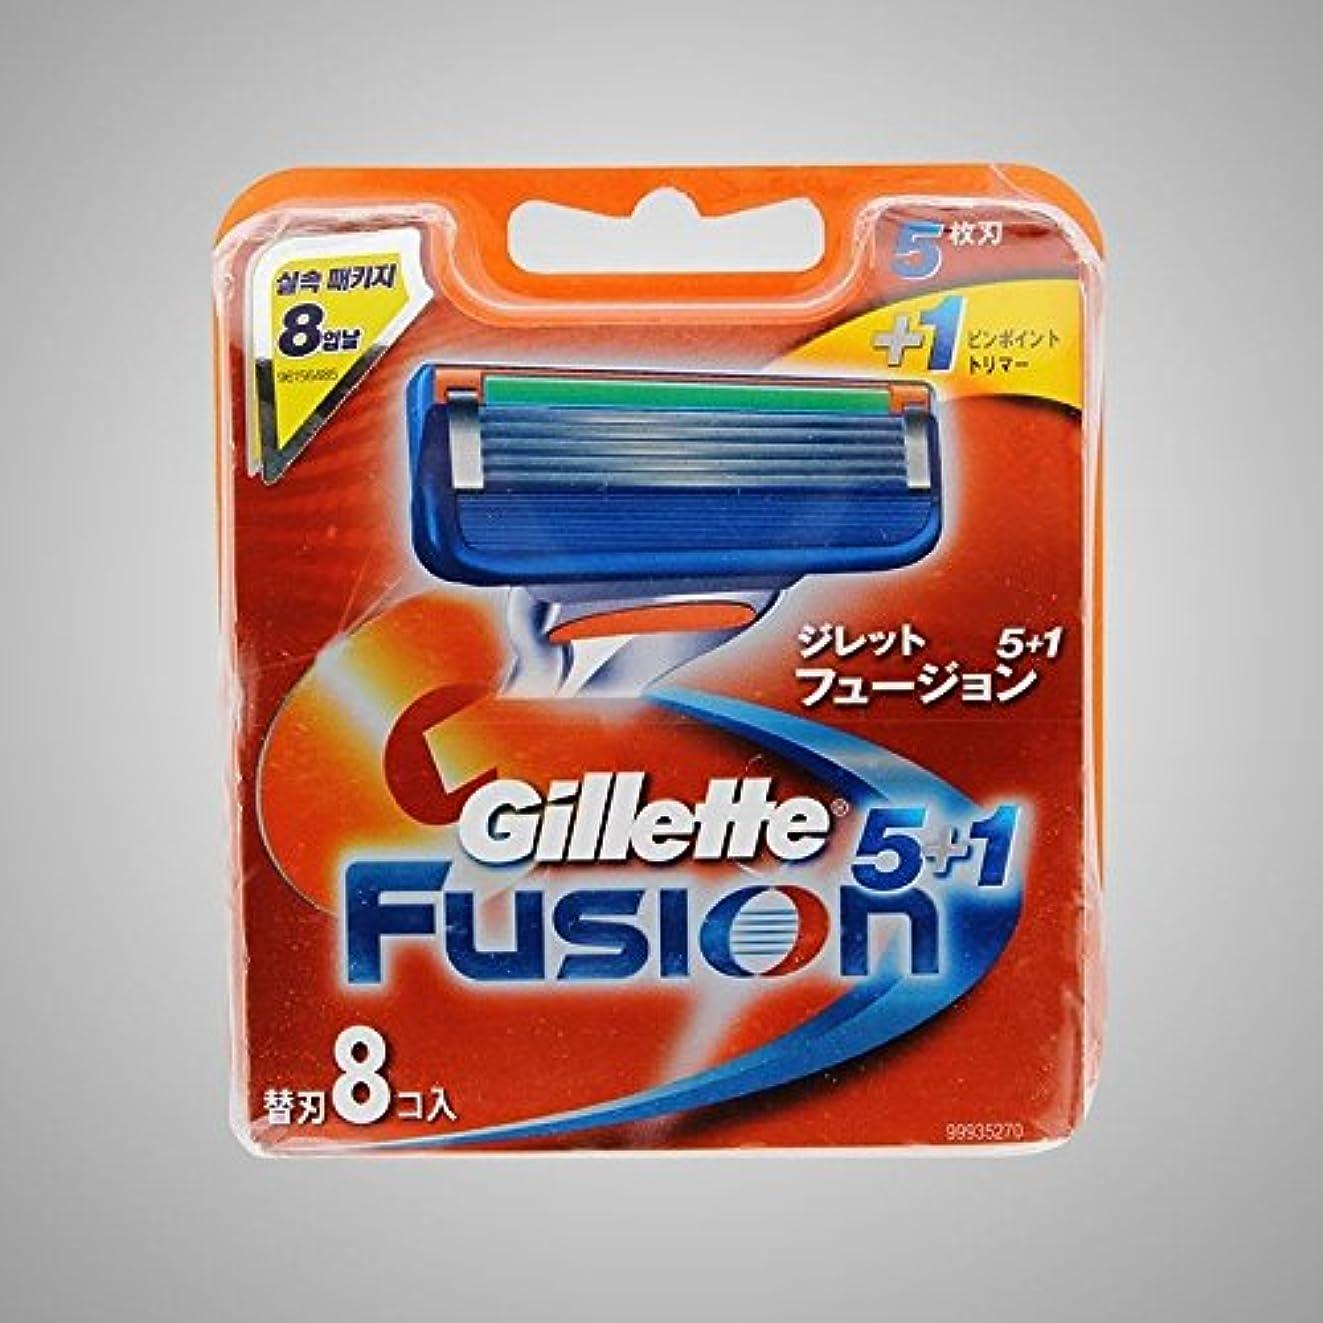 溶融不規則性すべきGillette Fusion Manual Razor Blades Refills Safety Razor ドイツ製 8 Pack [並行輸入品]